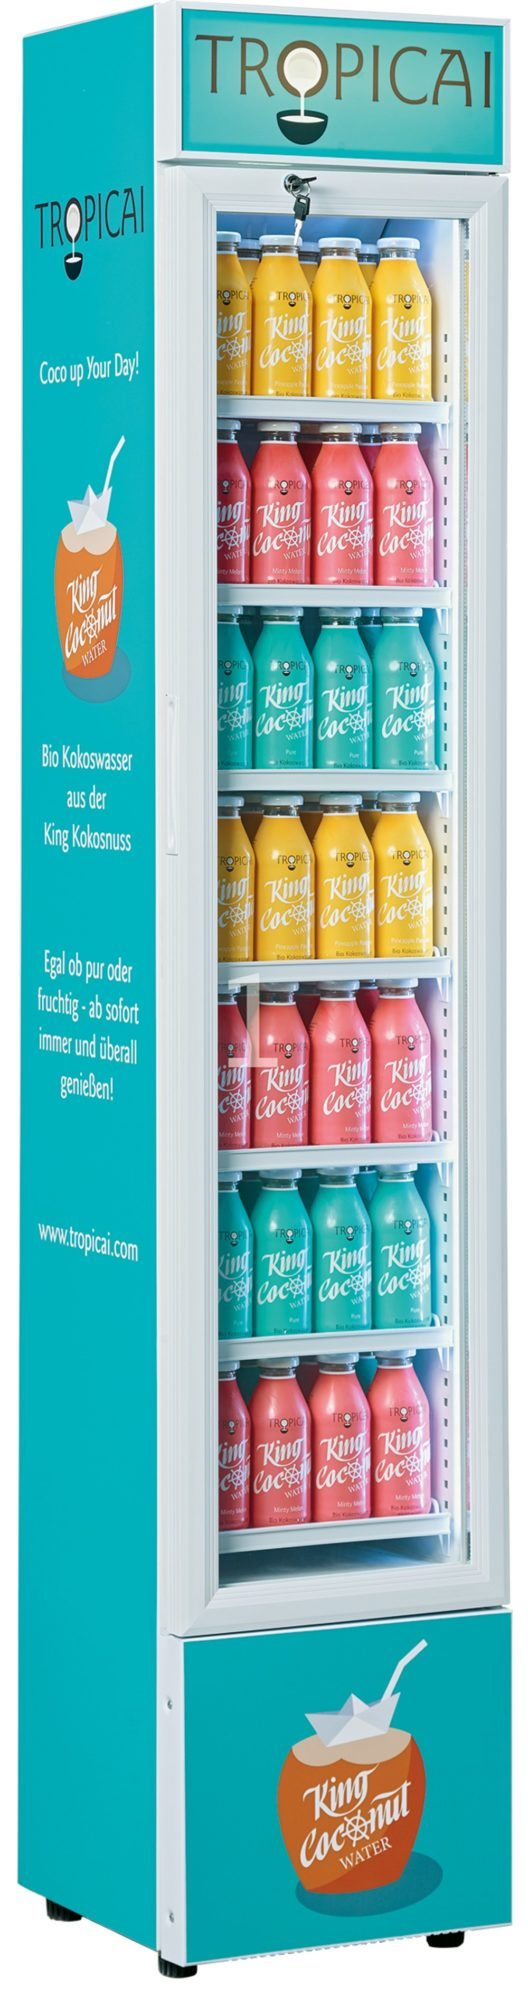 Tropicai - Kühlschrank